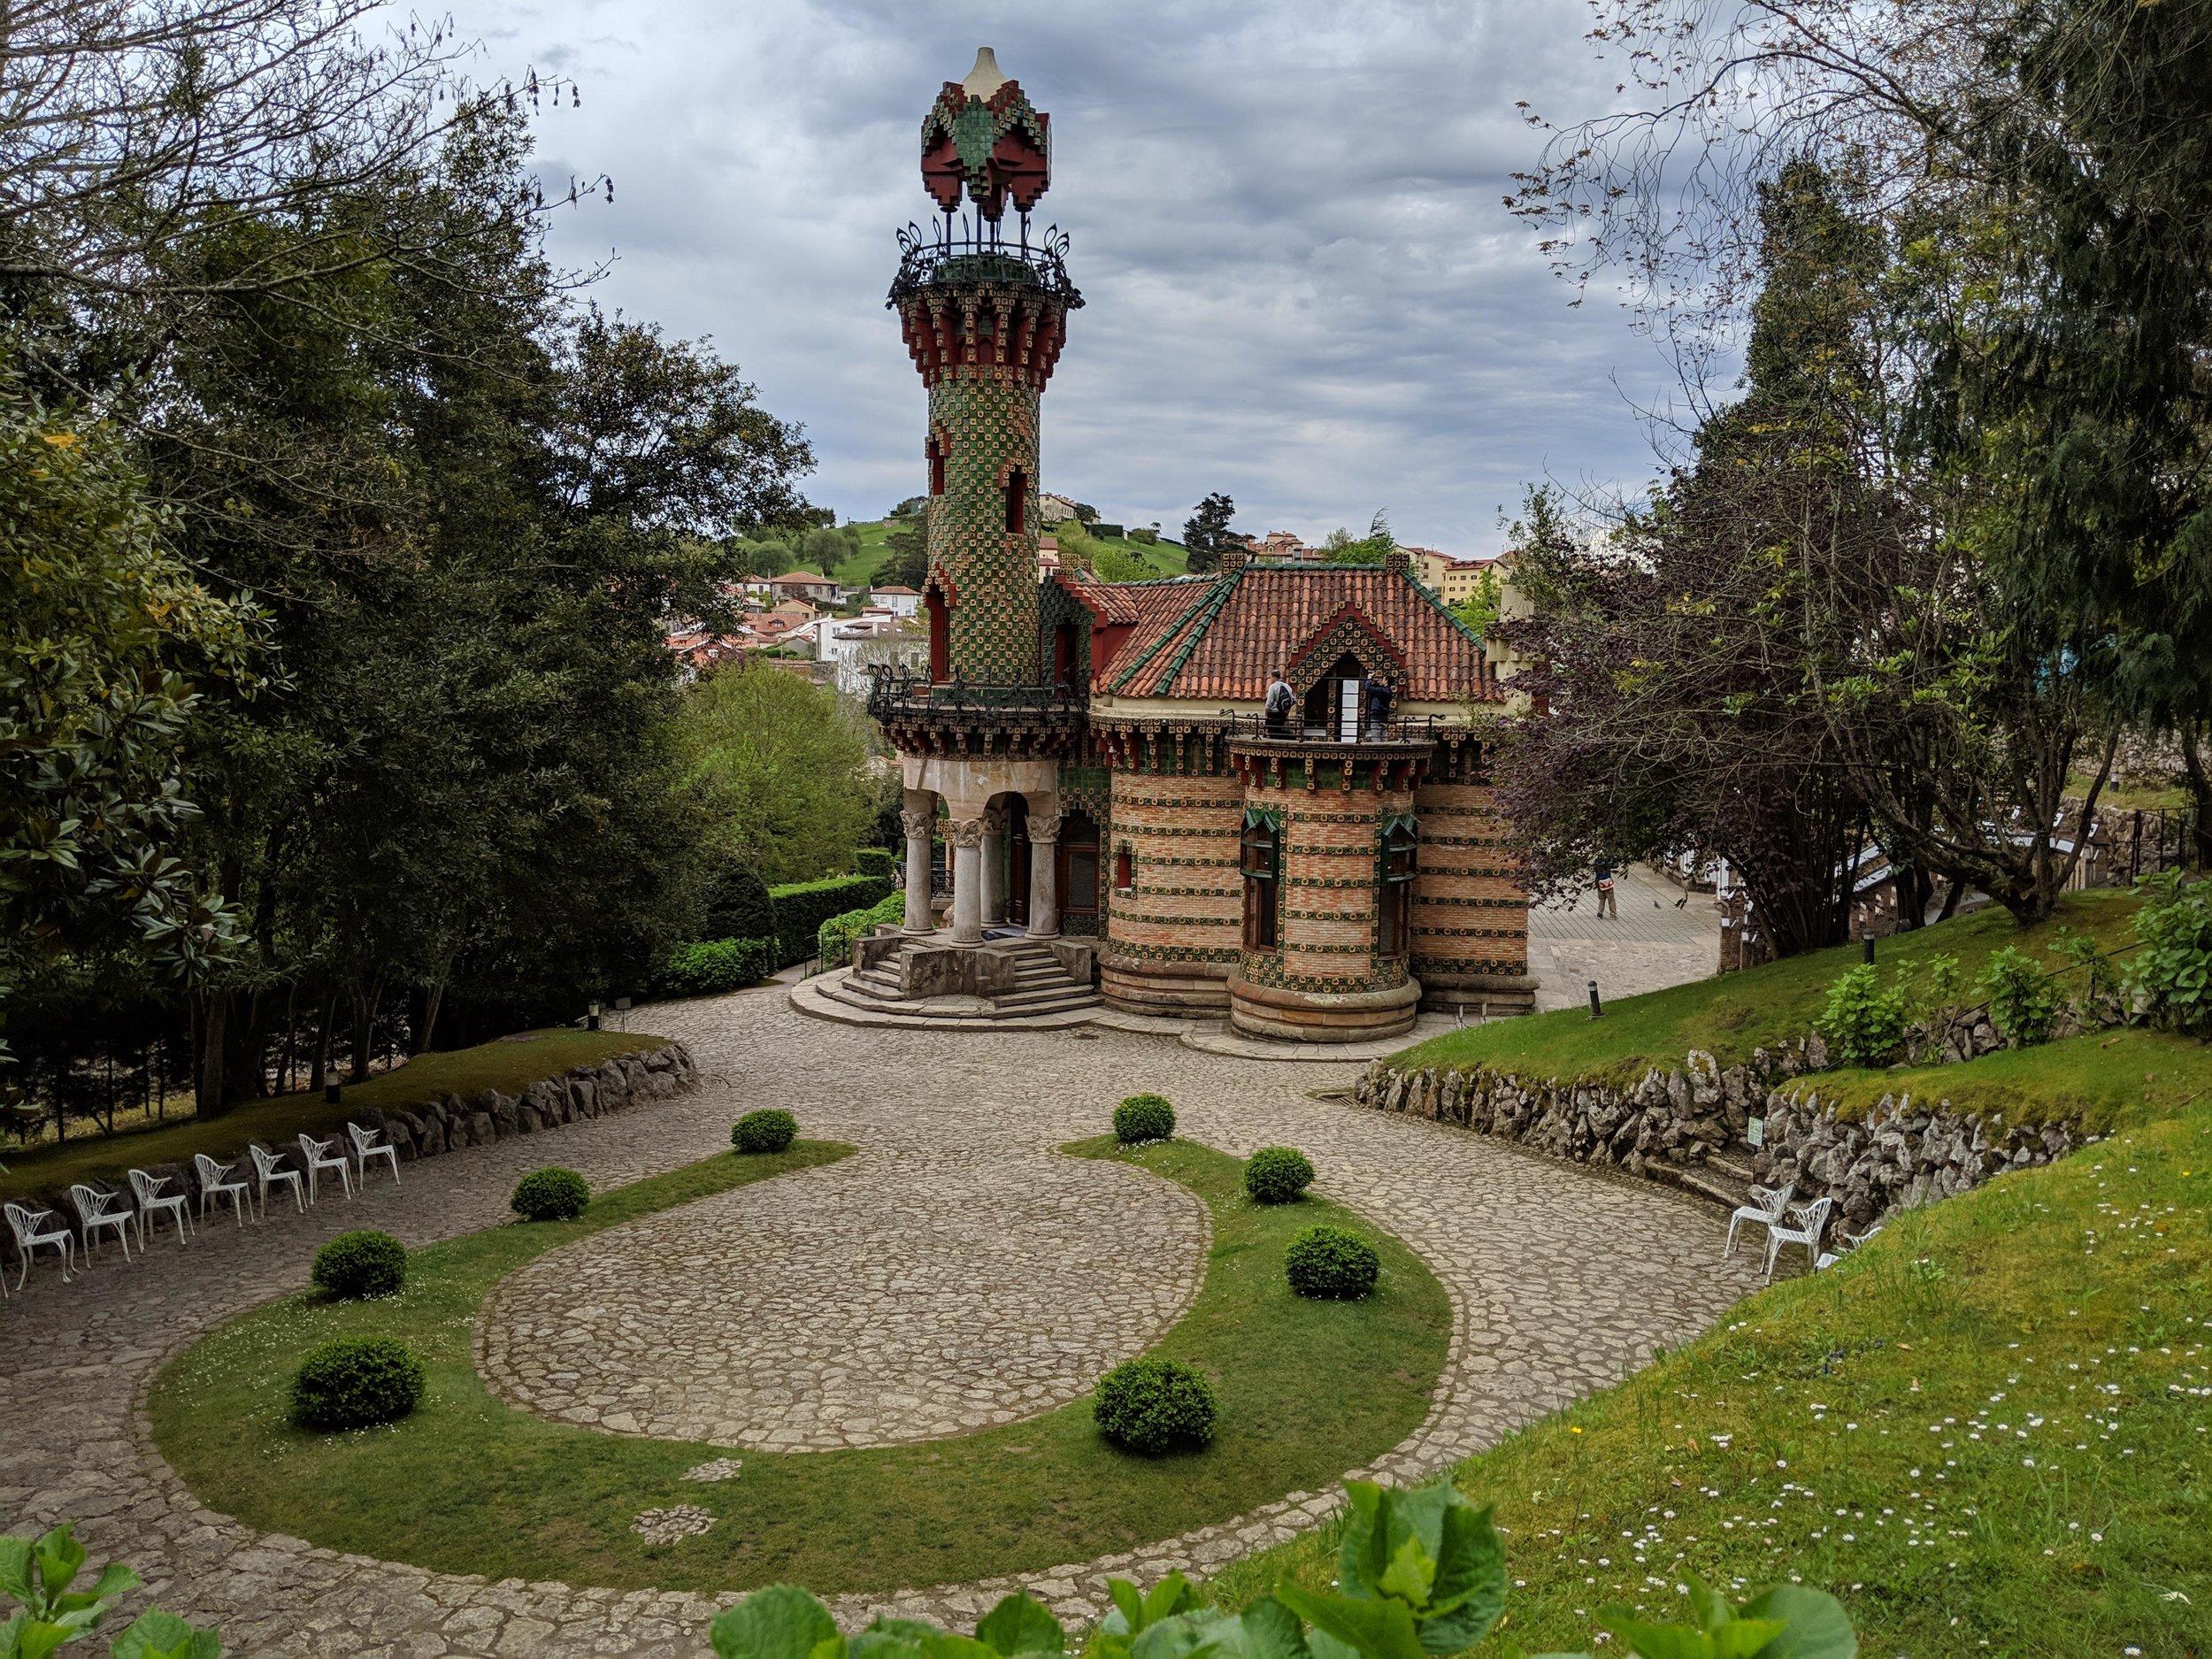 The precious El capricho de Gaudi